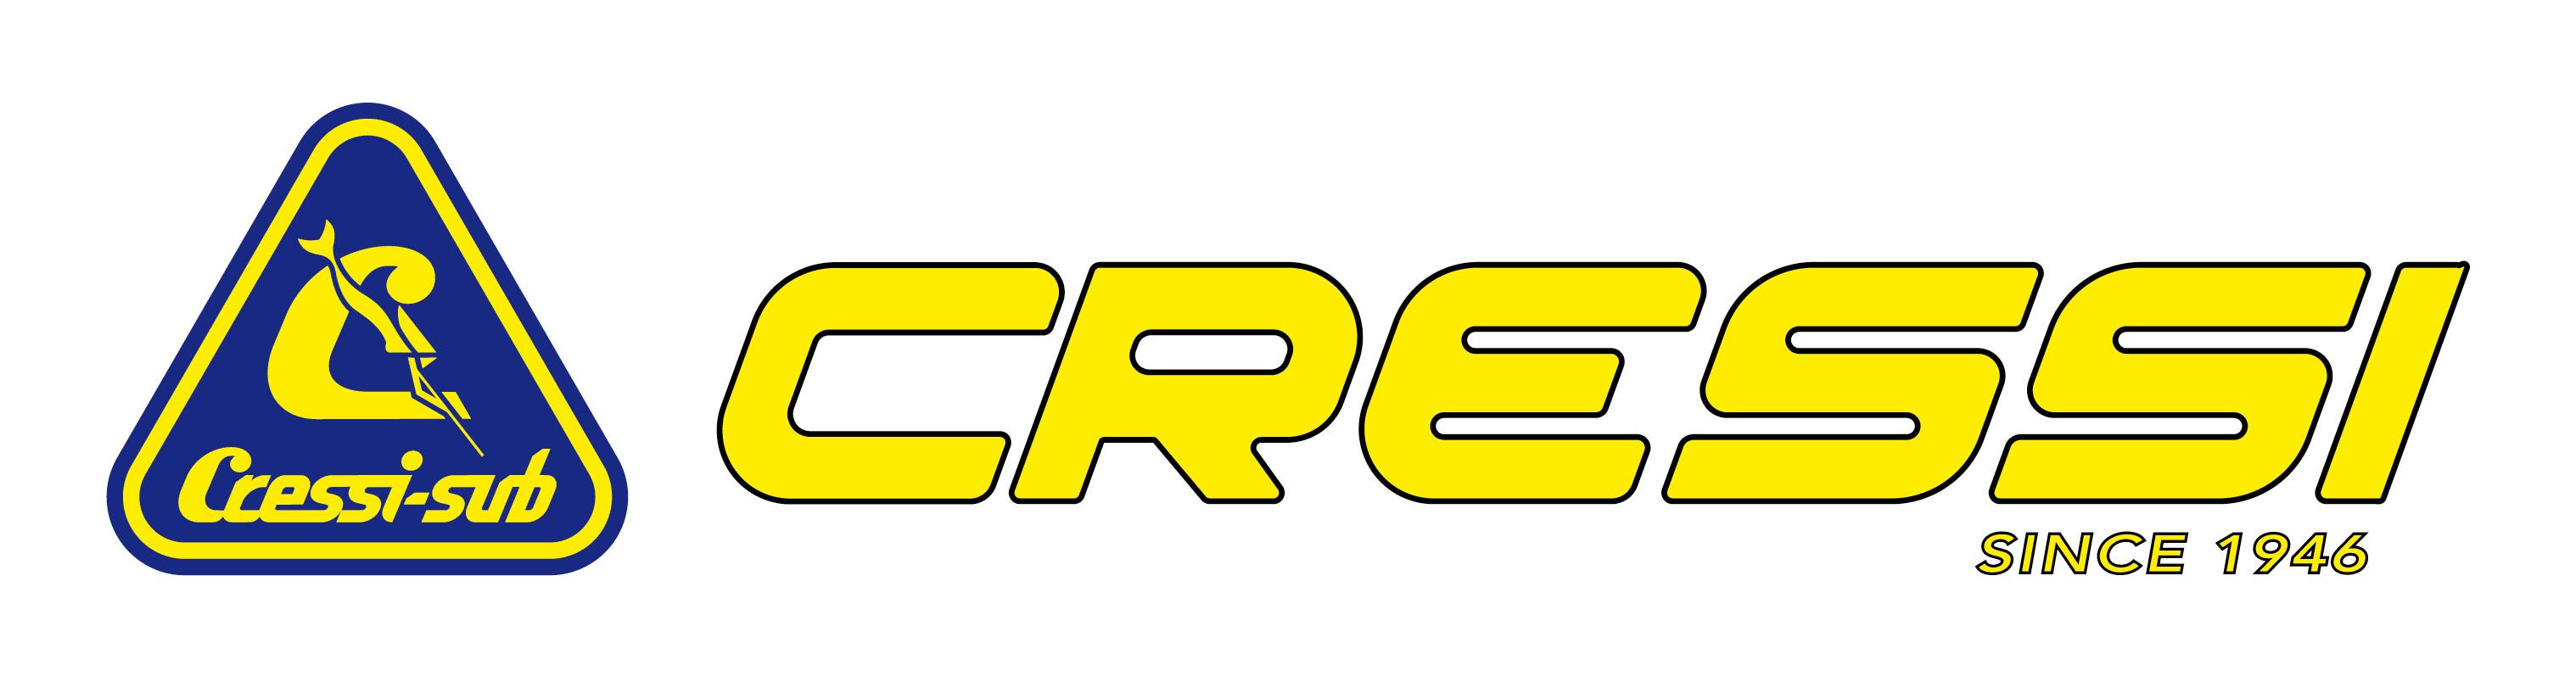 Маска за подводен риболов MAREA - Cressi